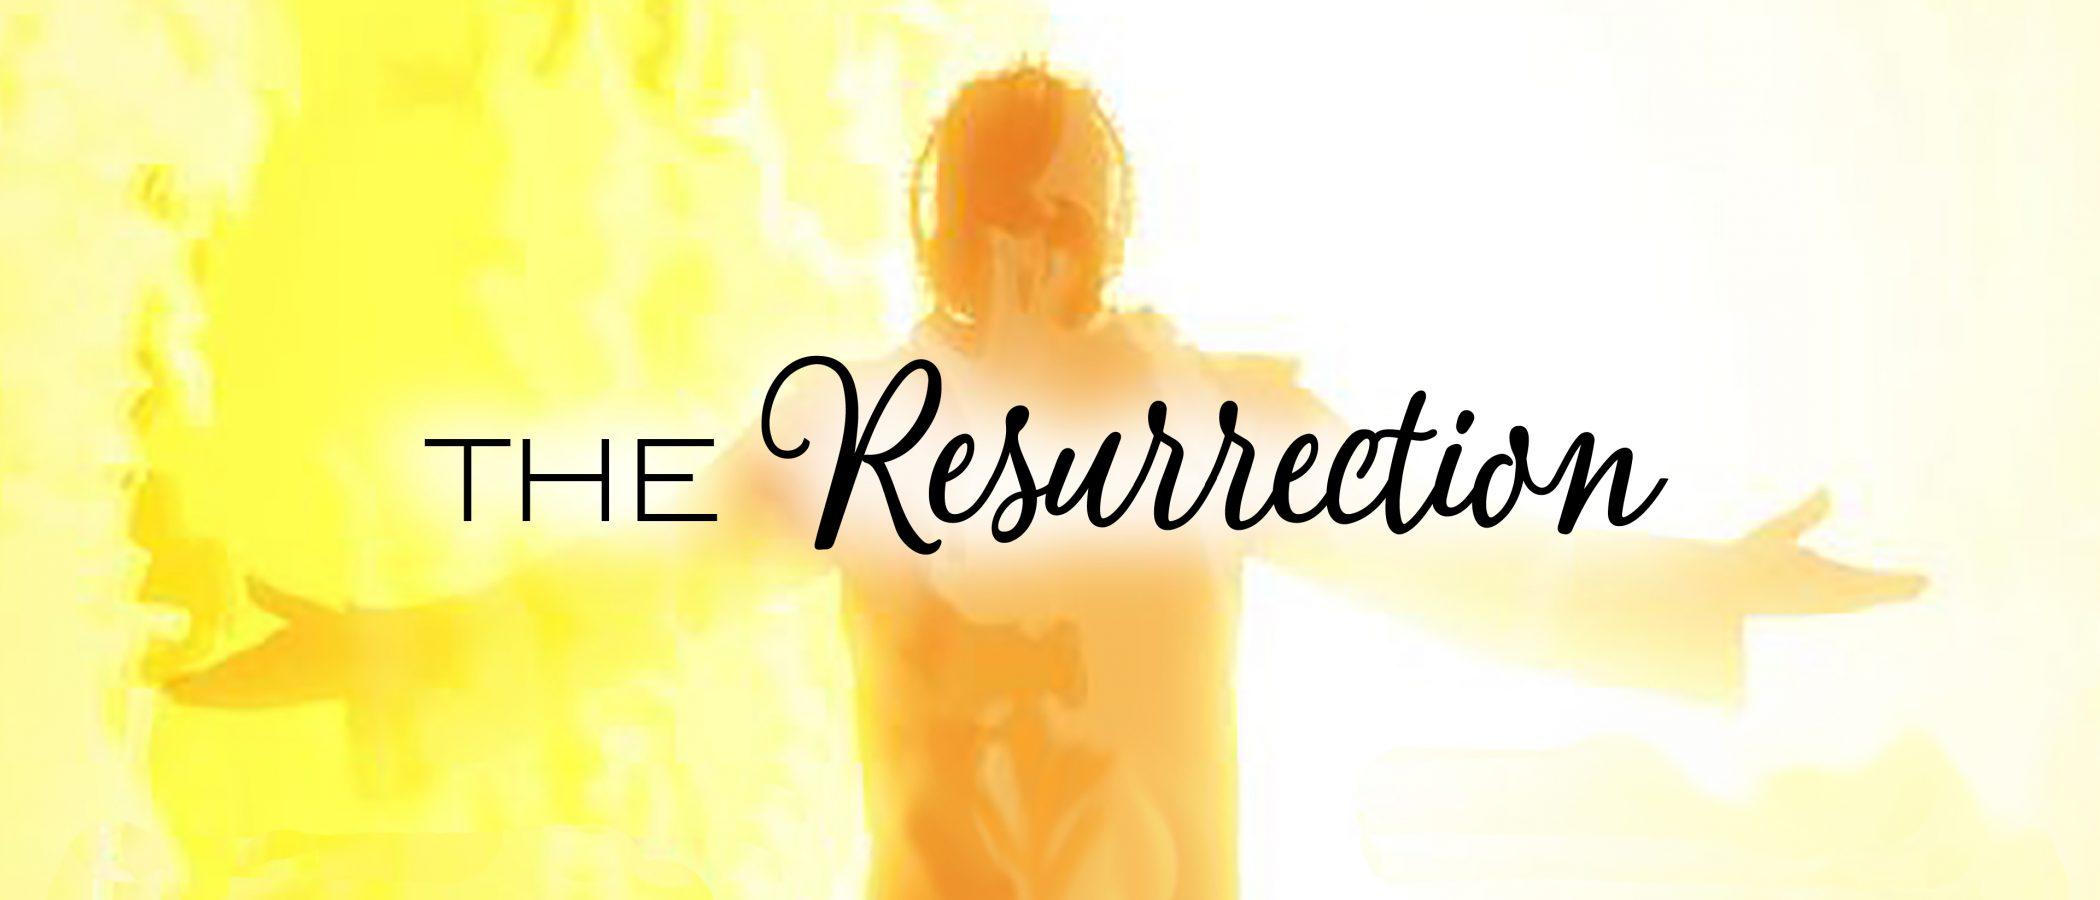 the-resurrection-11brd-dq2021-mobileapp-blue2